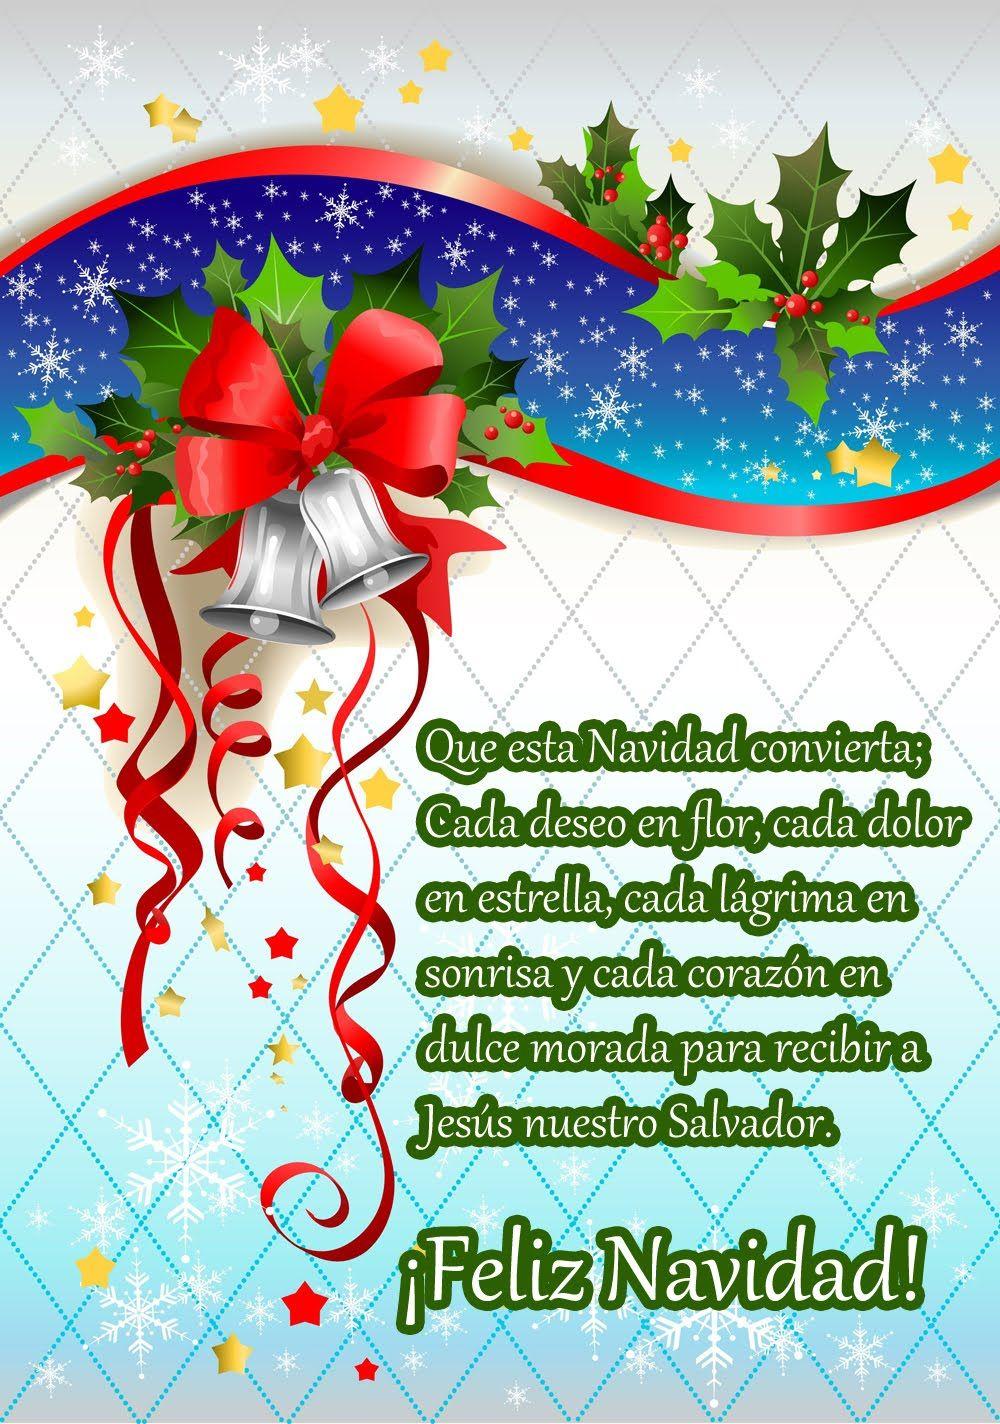 Deseos de navidad felicitaciones navide as y fin de a i - Deseos para la navidad ...